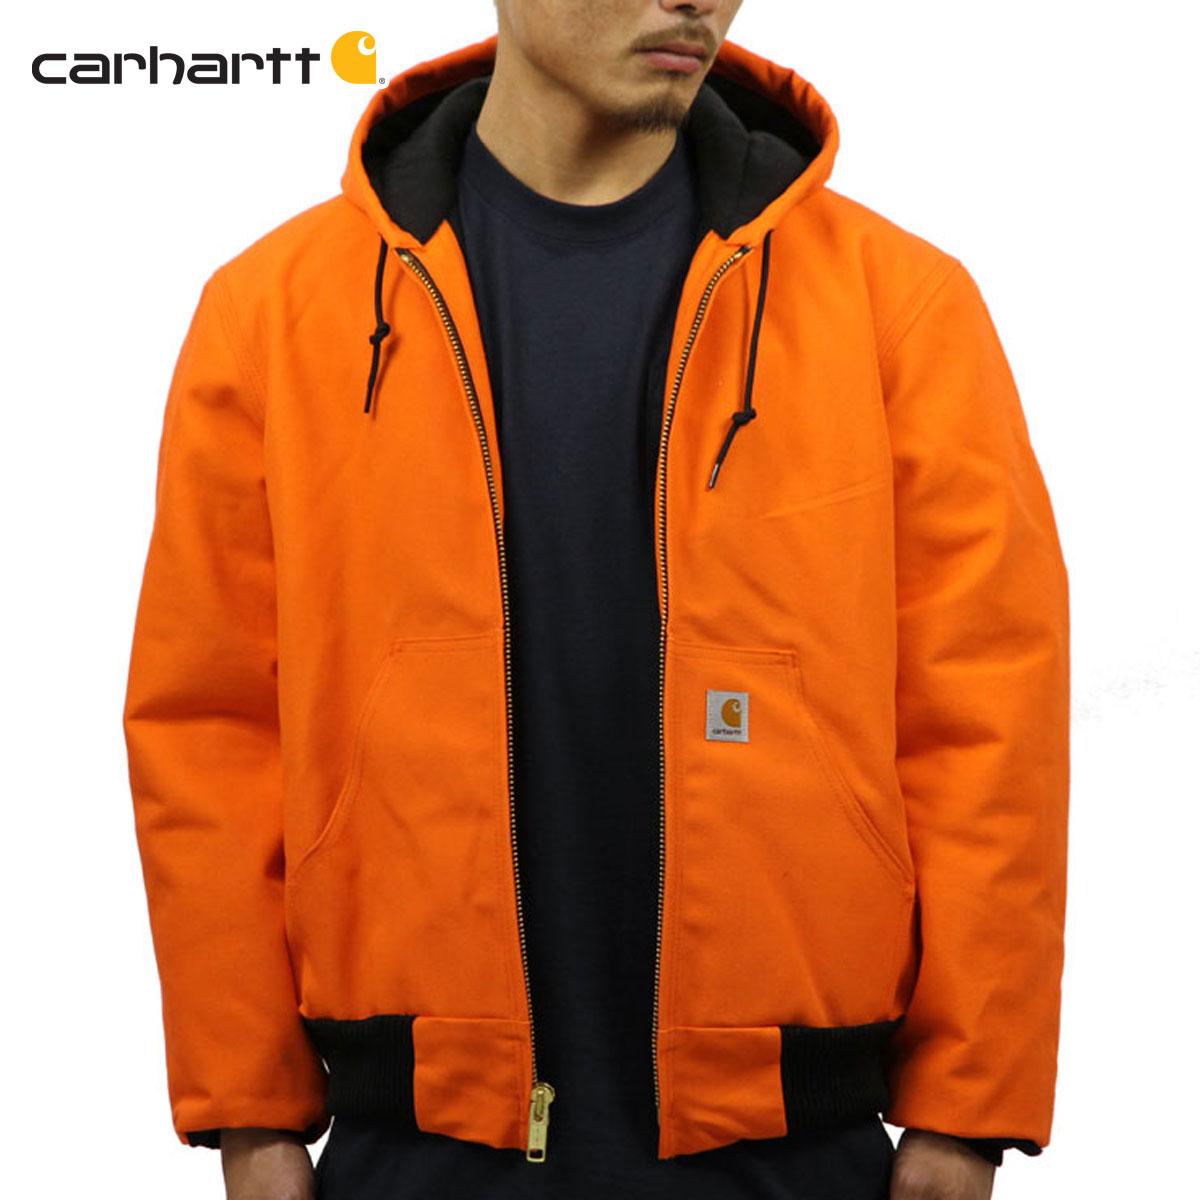 カーハート CARHARTT 正規品 メンズ アウタージャケット QUILTED FLANNEL LINED DUCK ACTIVE JACKET J140 - BLAZE ORANGE